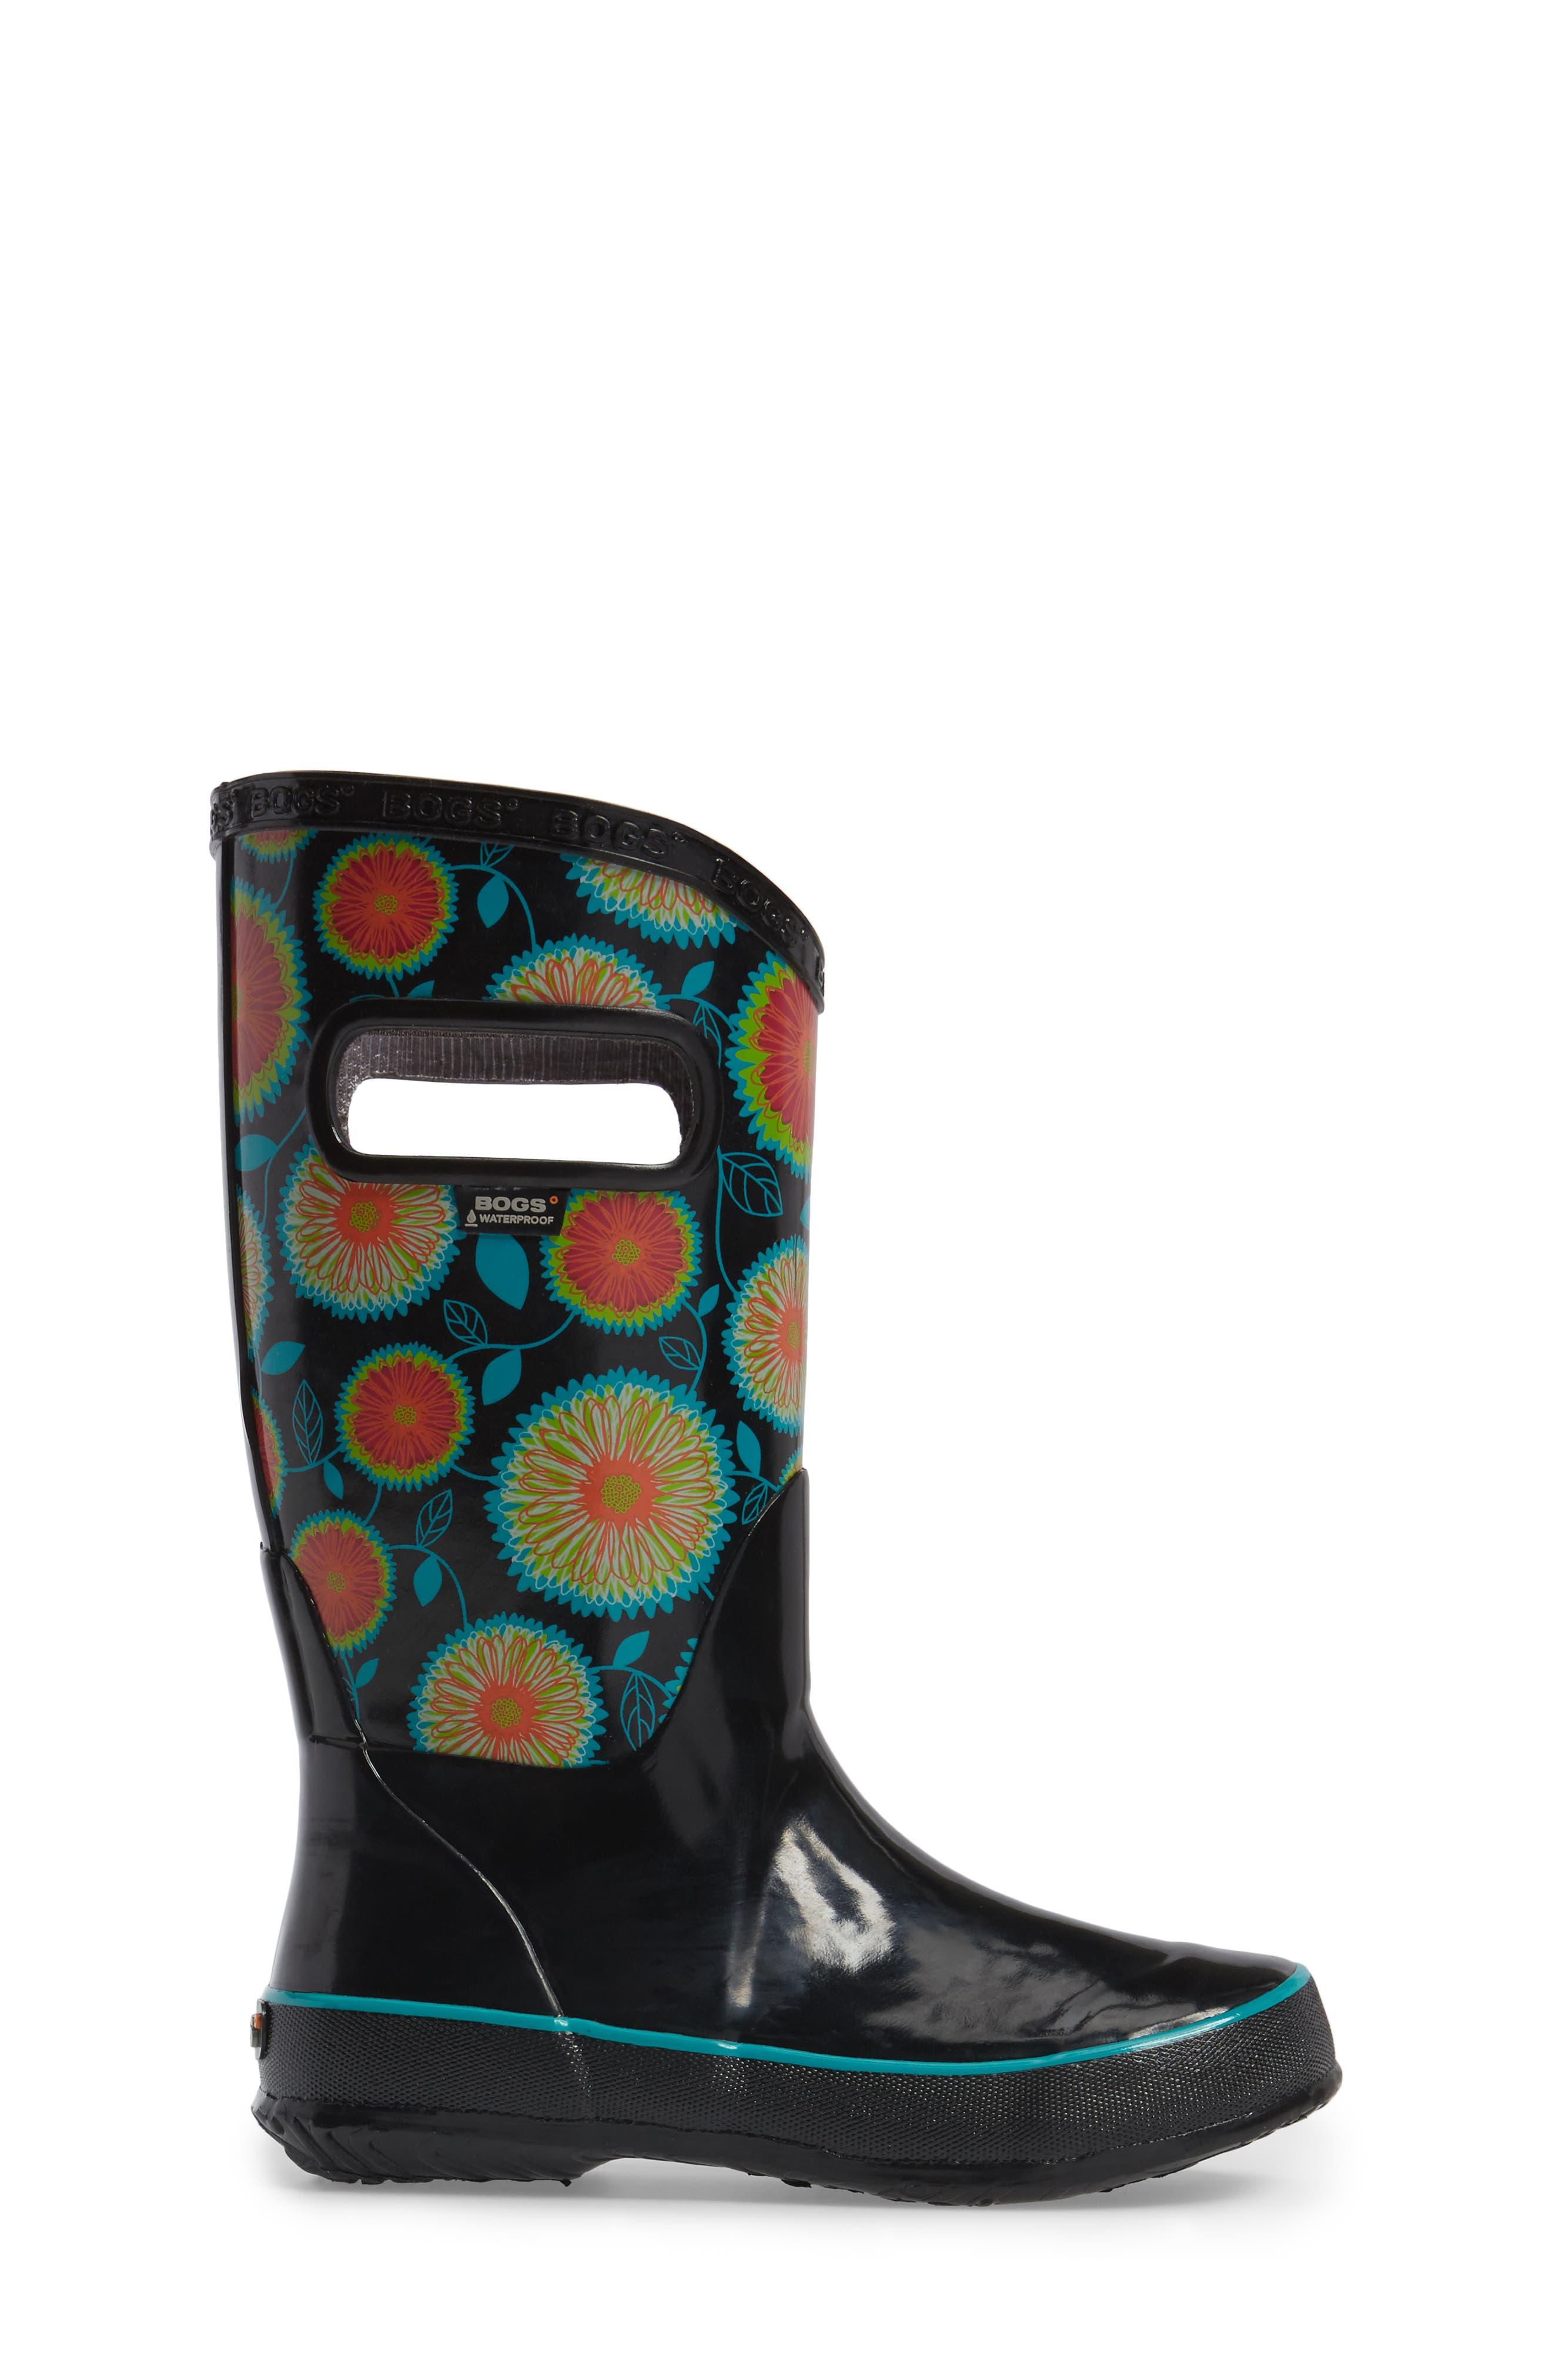 Alternate Image 3  - Bogs Wildflowers Waterproof Rubber Rain Boot (Toddler, Little Kid & Big Kid)